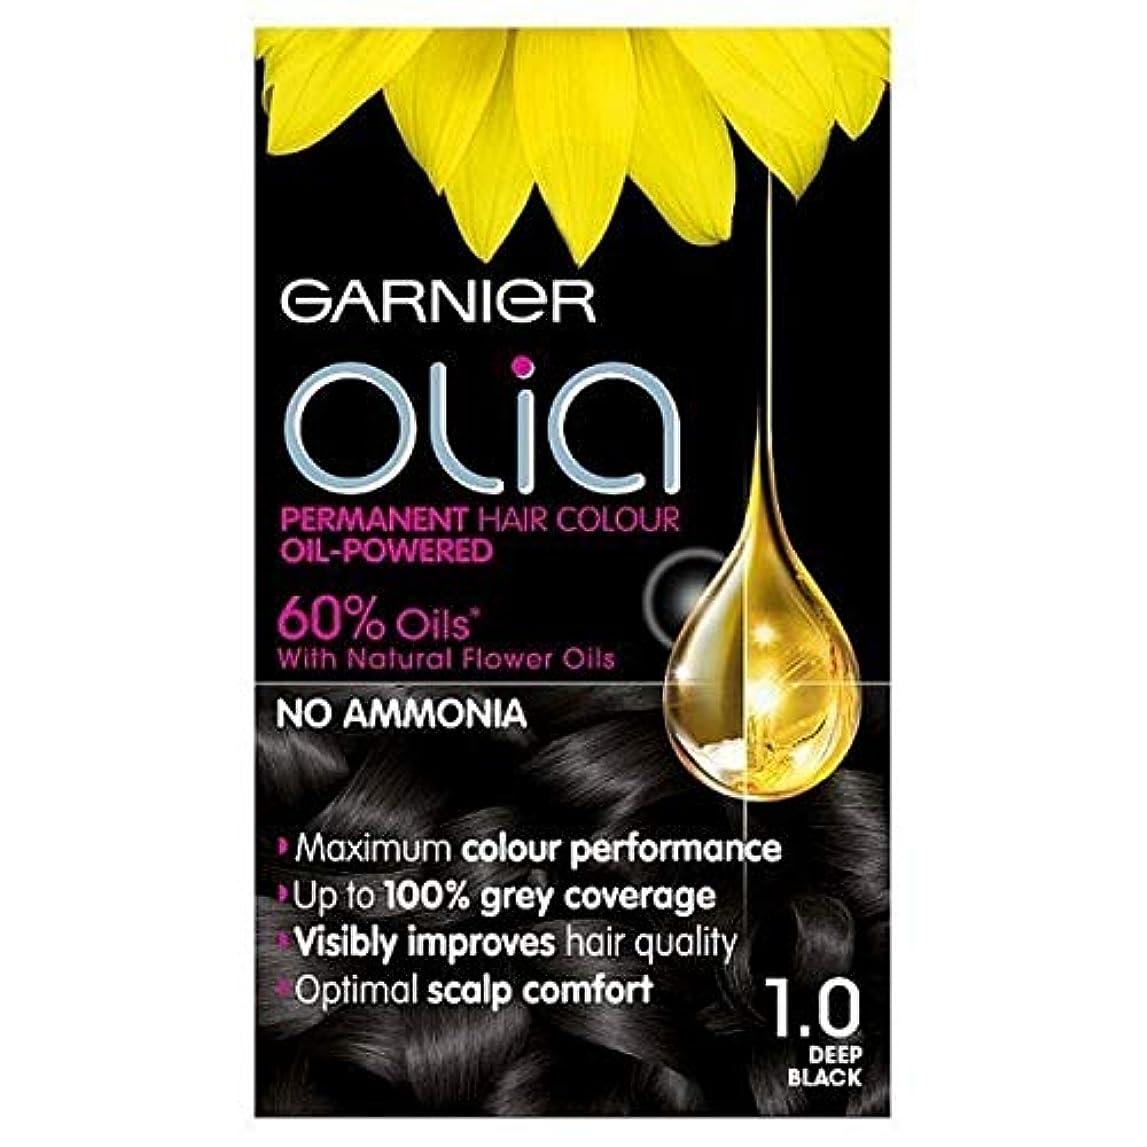 シミュレートする人気の樫の木[Garnier ] ガルニエOlia永久染毛剤深い黒1.0 - Garnier Olia Permanent Hair Dye Deep Black 1.0 [並行輸入品]